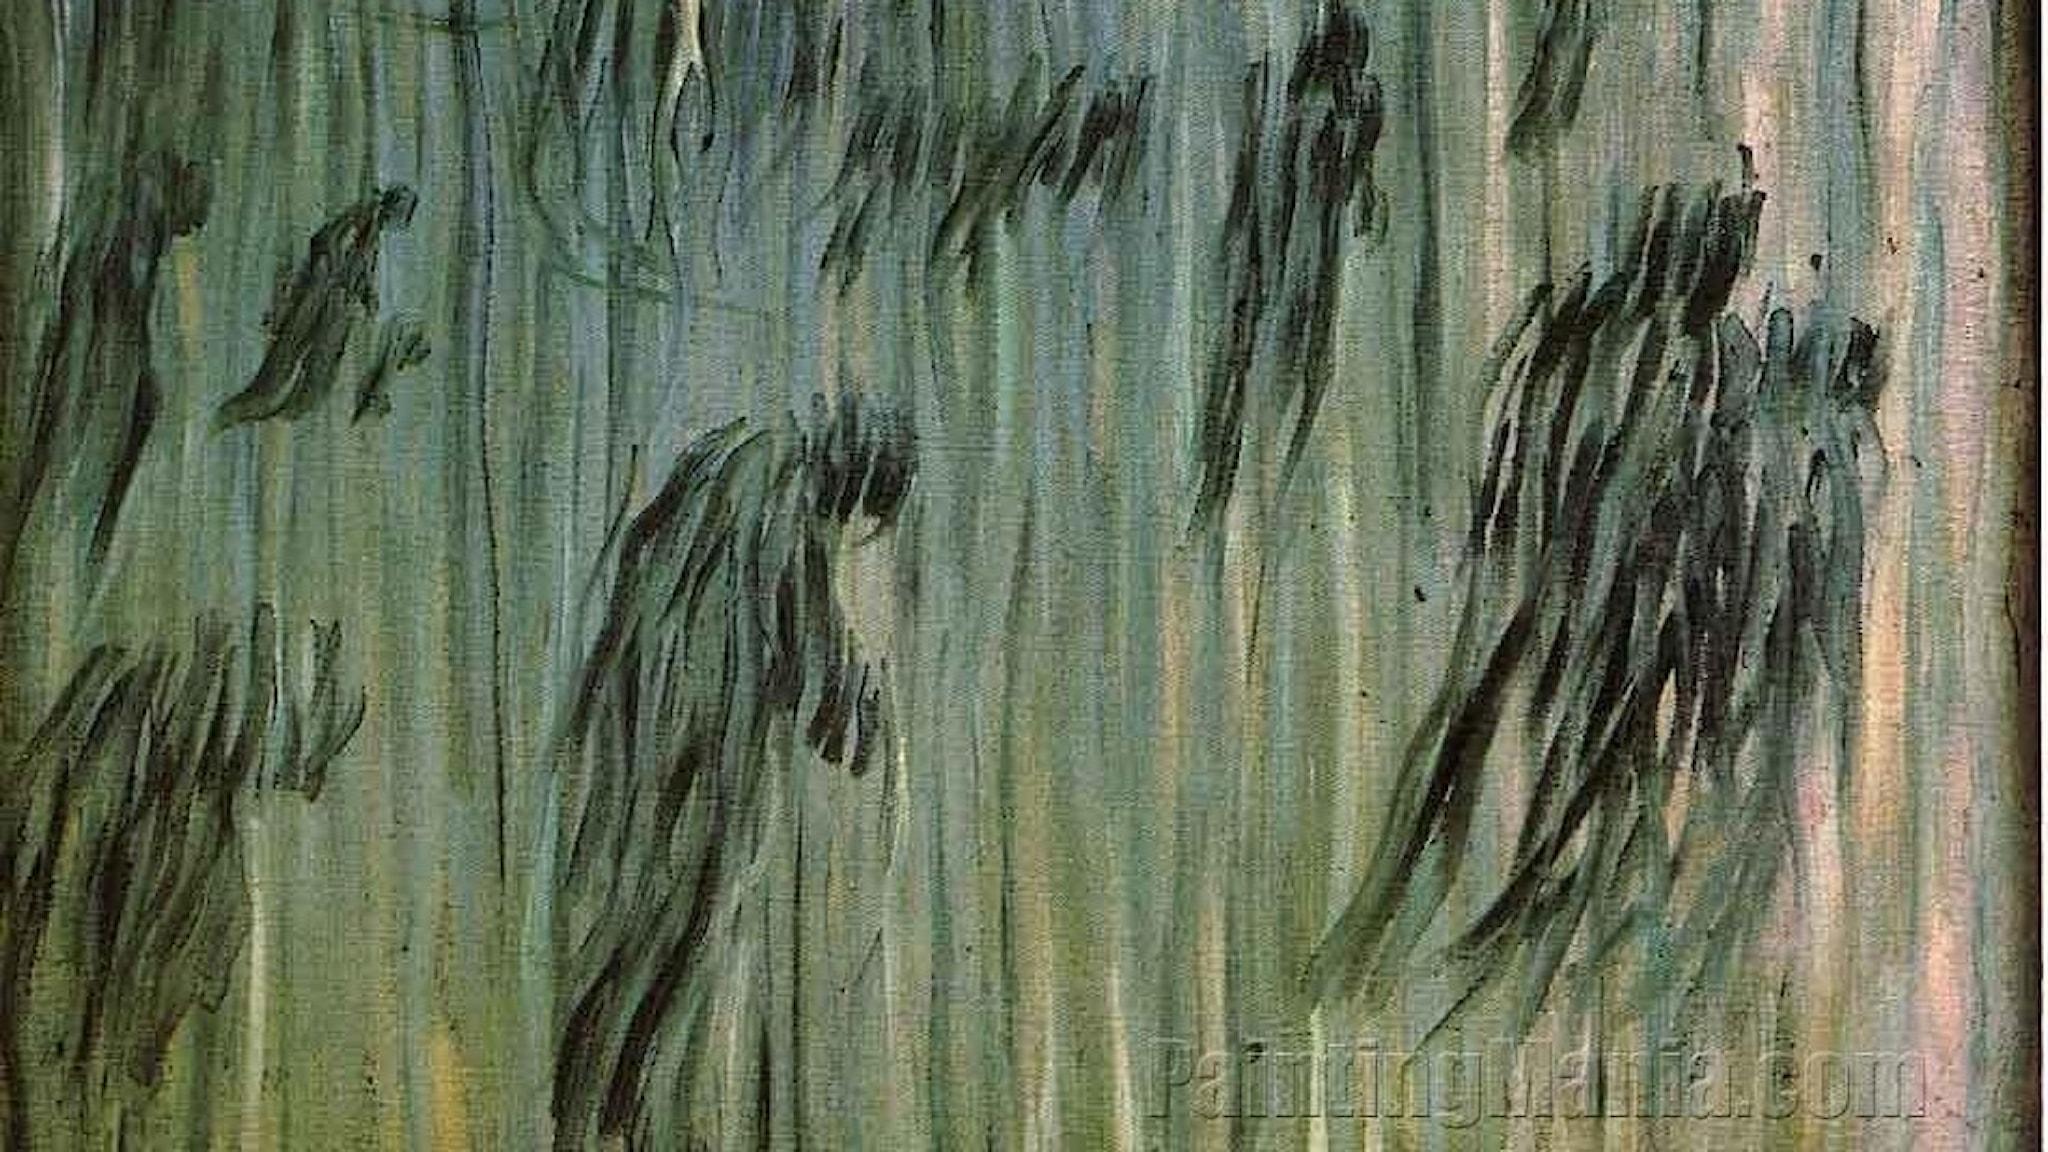 Själens tillstånd: de som stannar kvar (Umberto Boccioni, 1911).